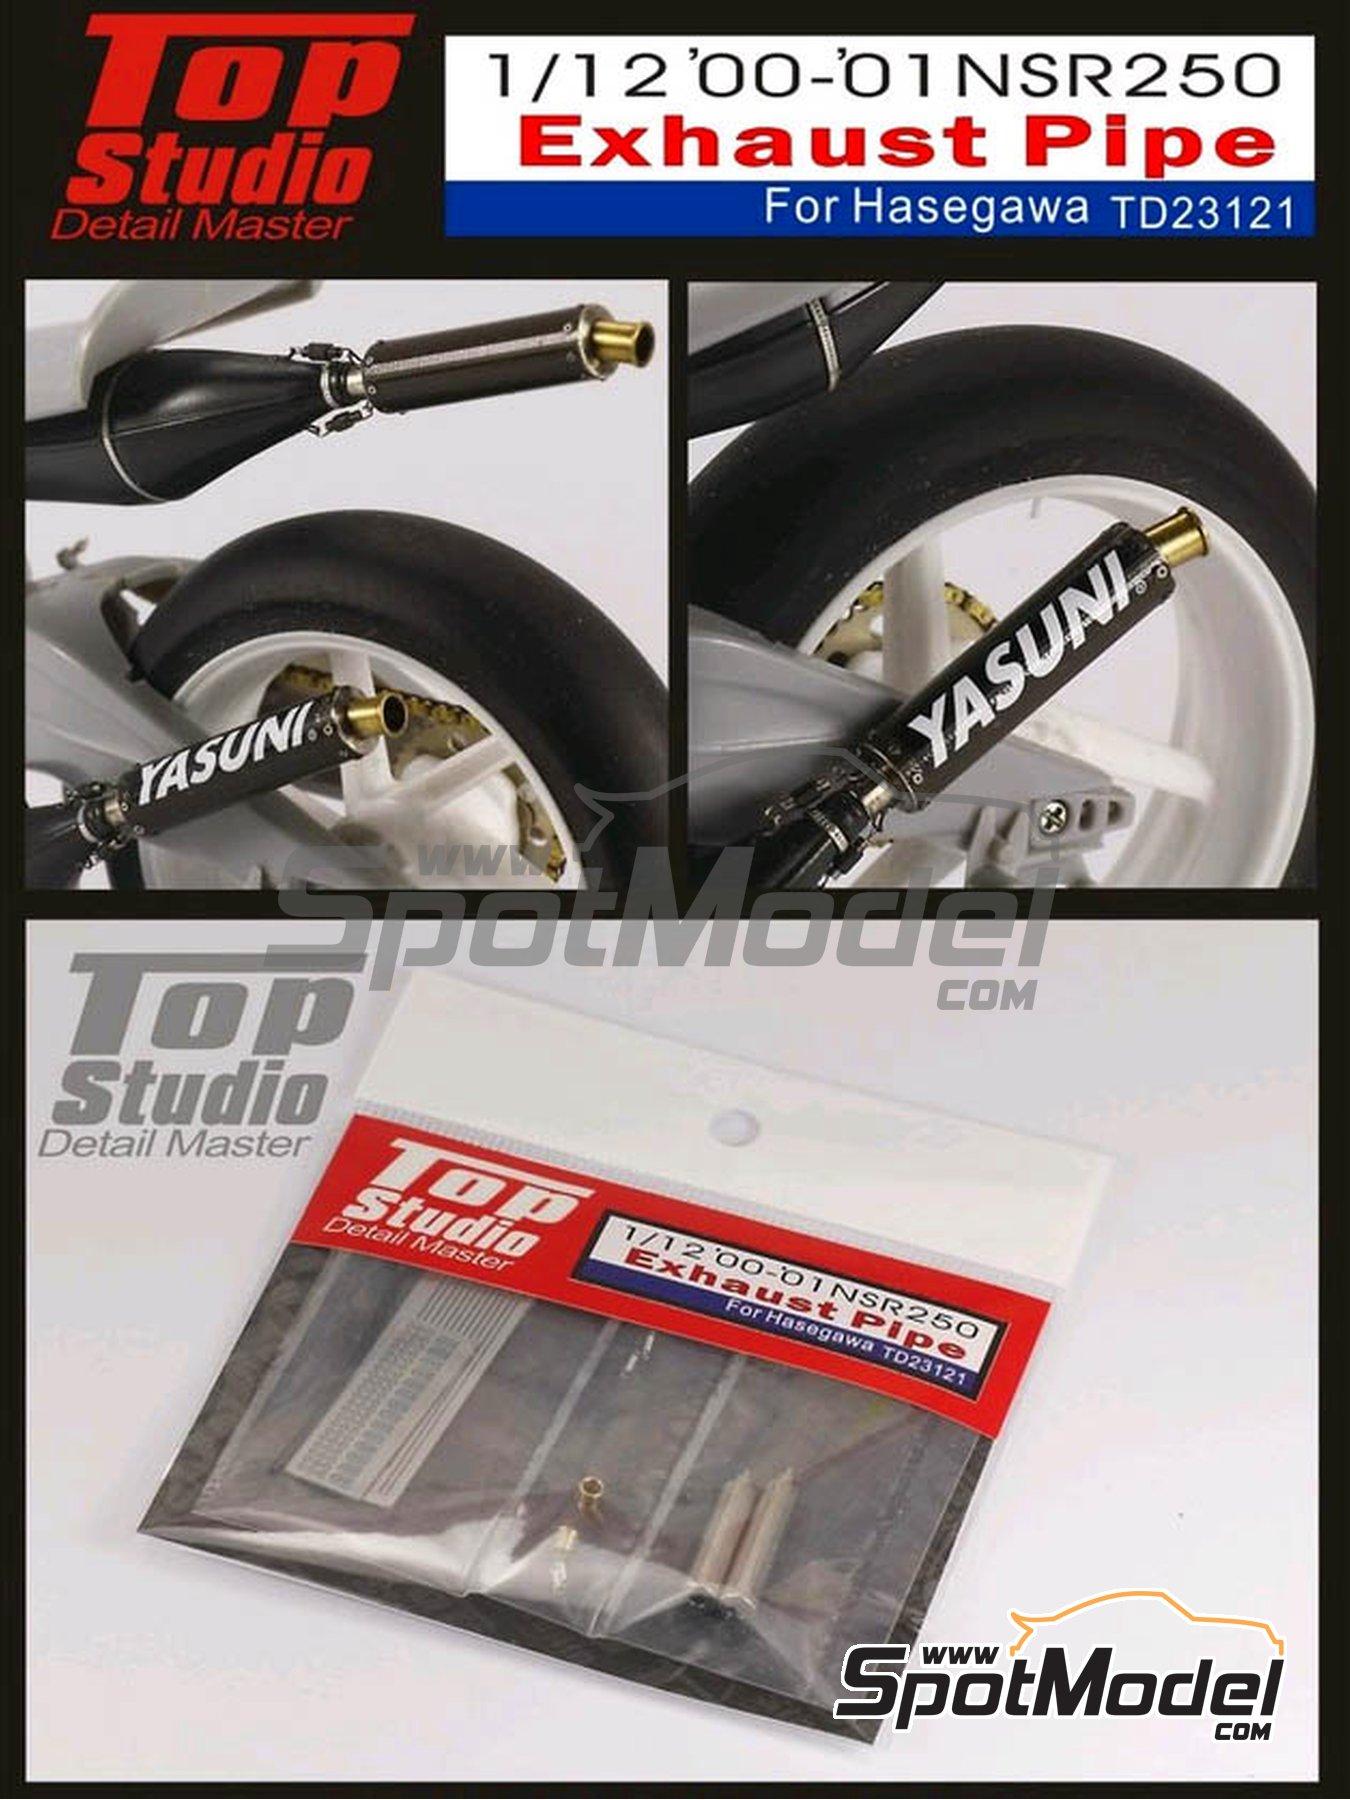 Honda NSR250 -  2000 y 2001 | Escapes en escala1/12 fabricado por Top Studio (ref.TD23121) image